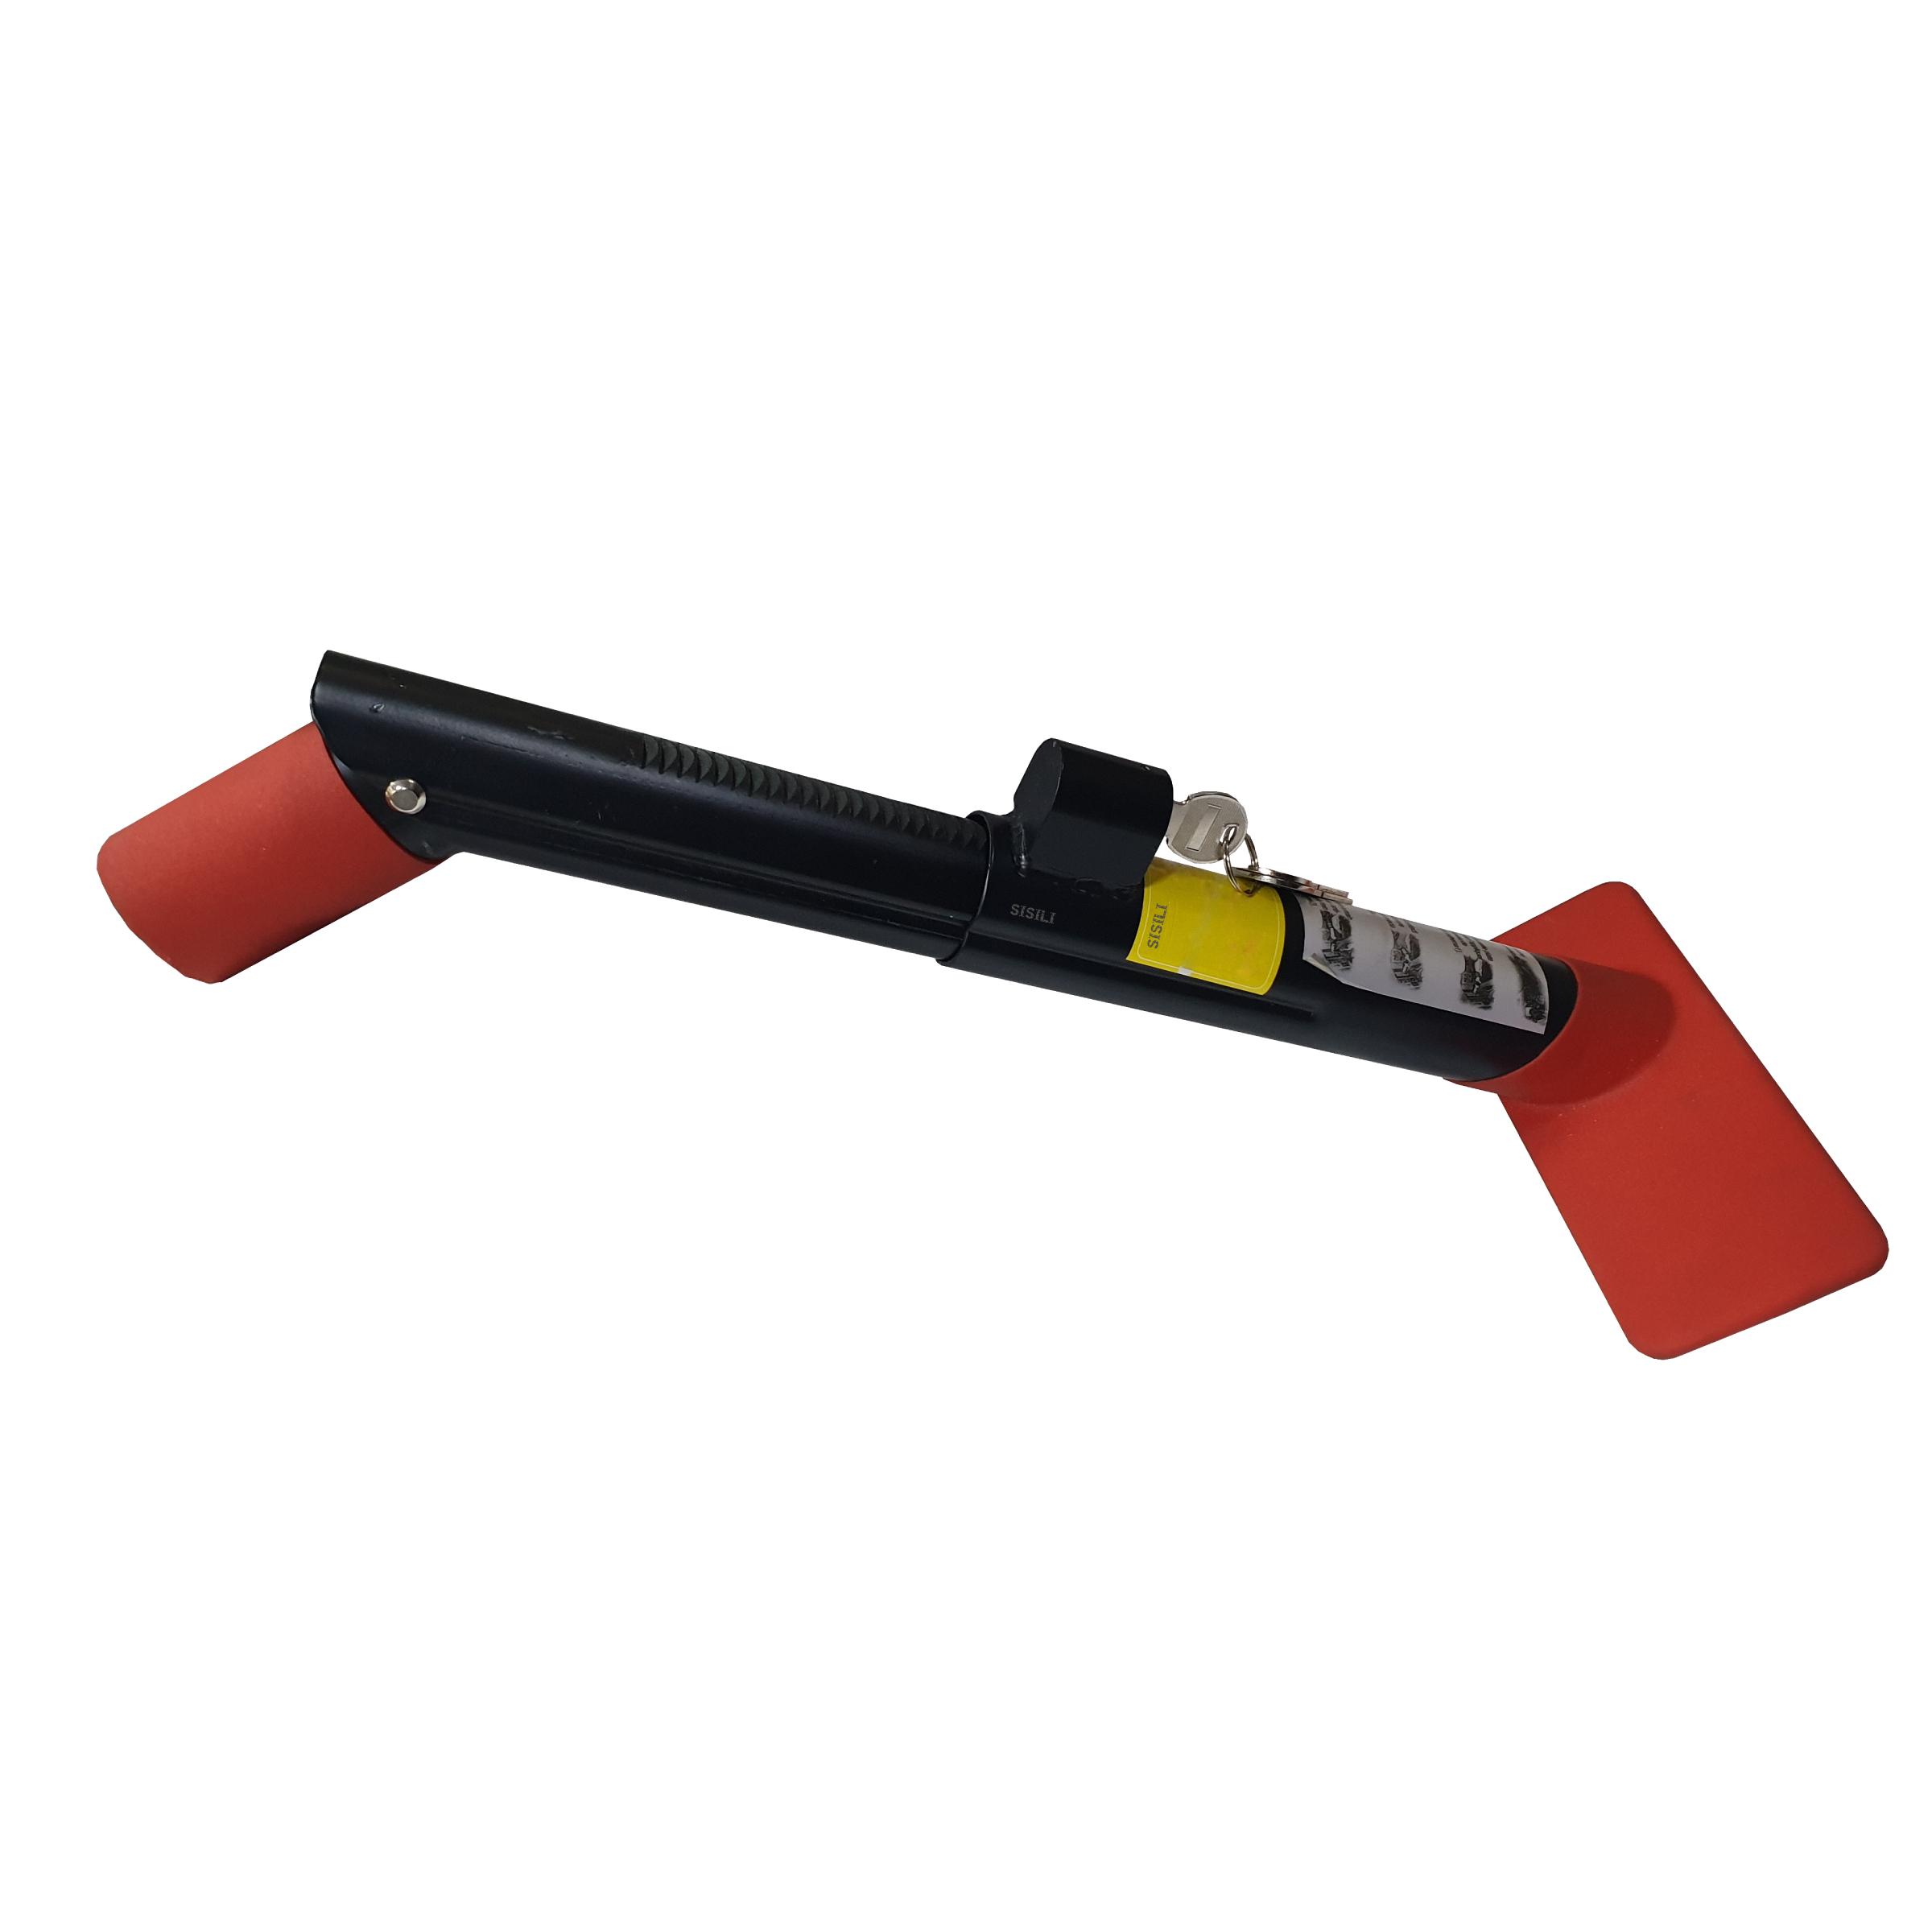 قفل سه کاره ترمز دستی و دنده و پنل  سیسیلی مدل YP03